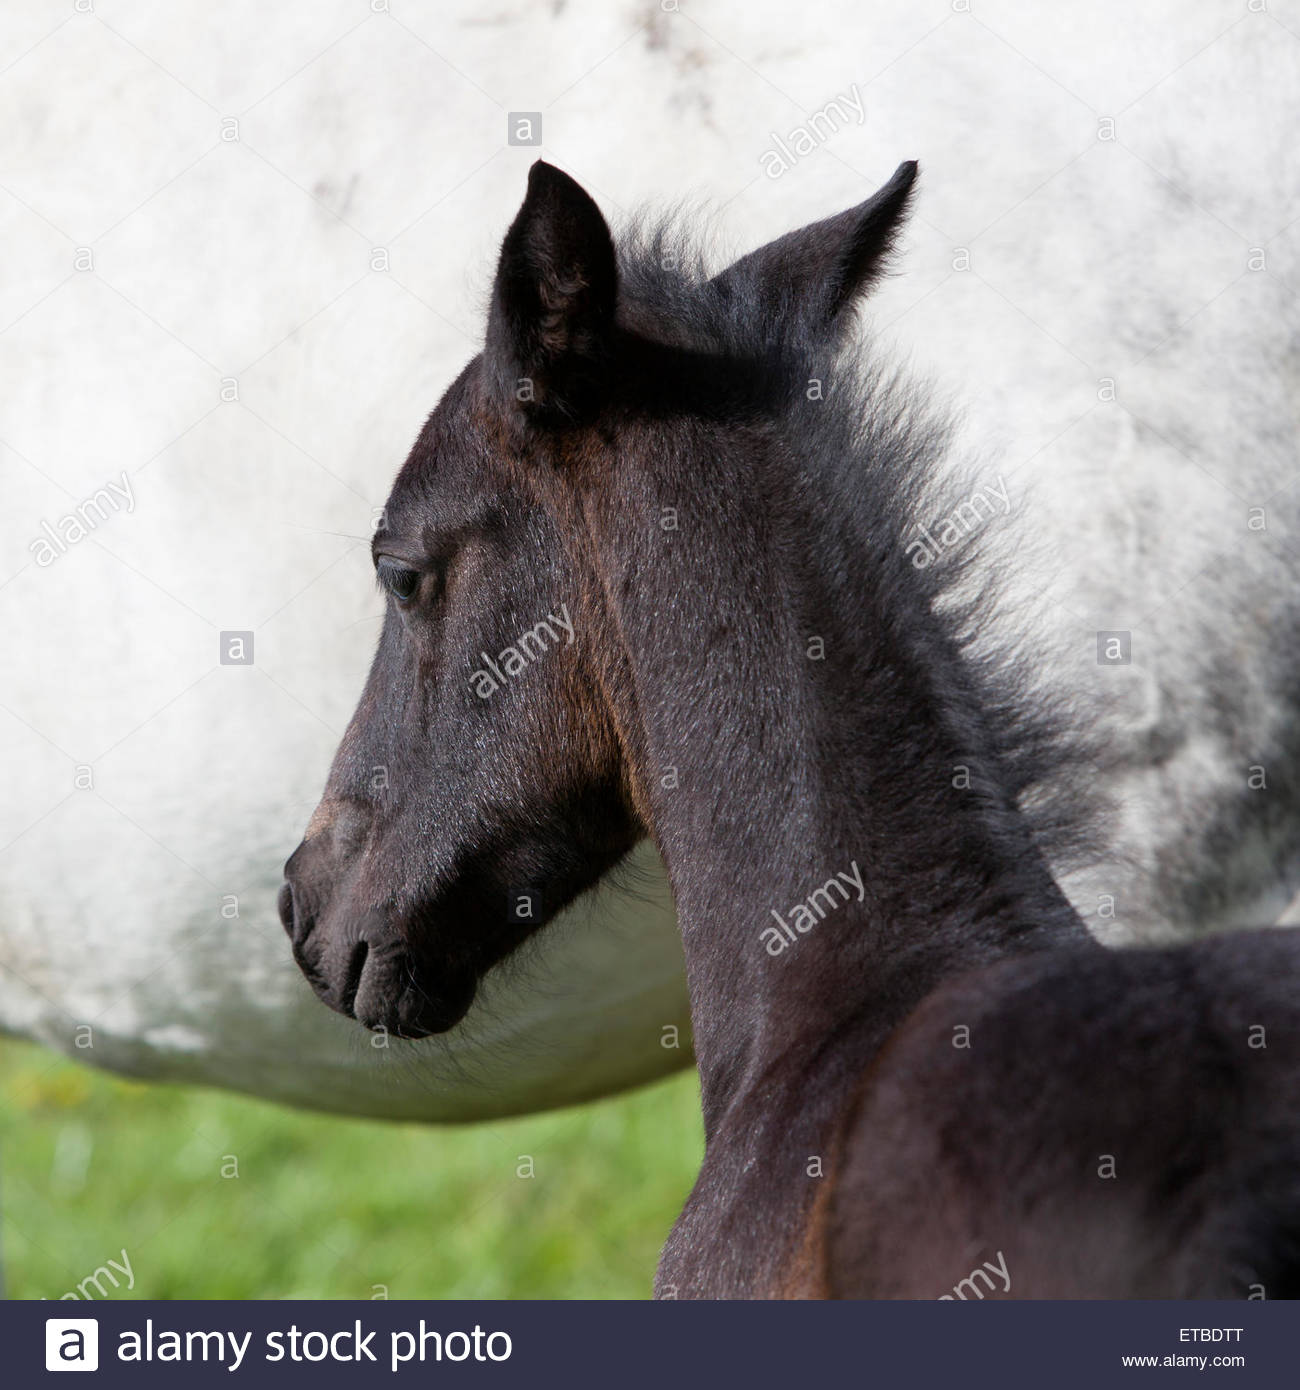 head-of-dark-brown-foal-against-white-ba